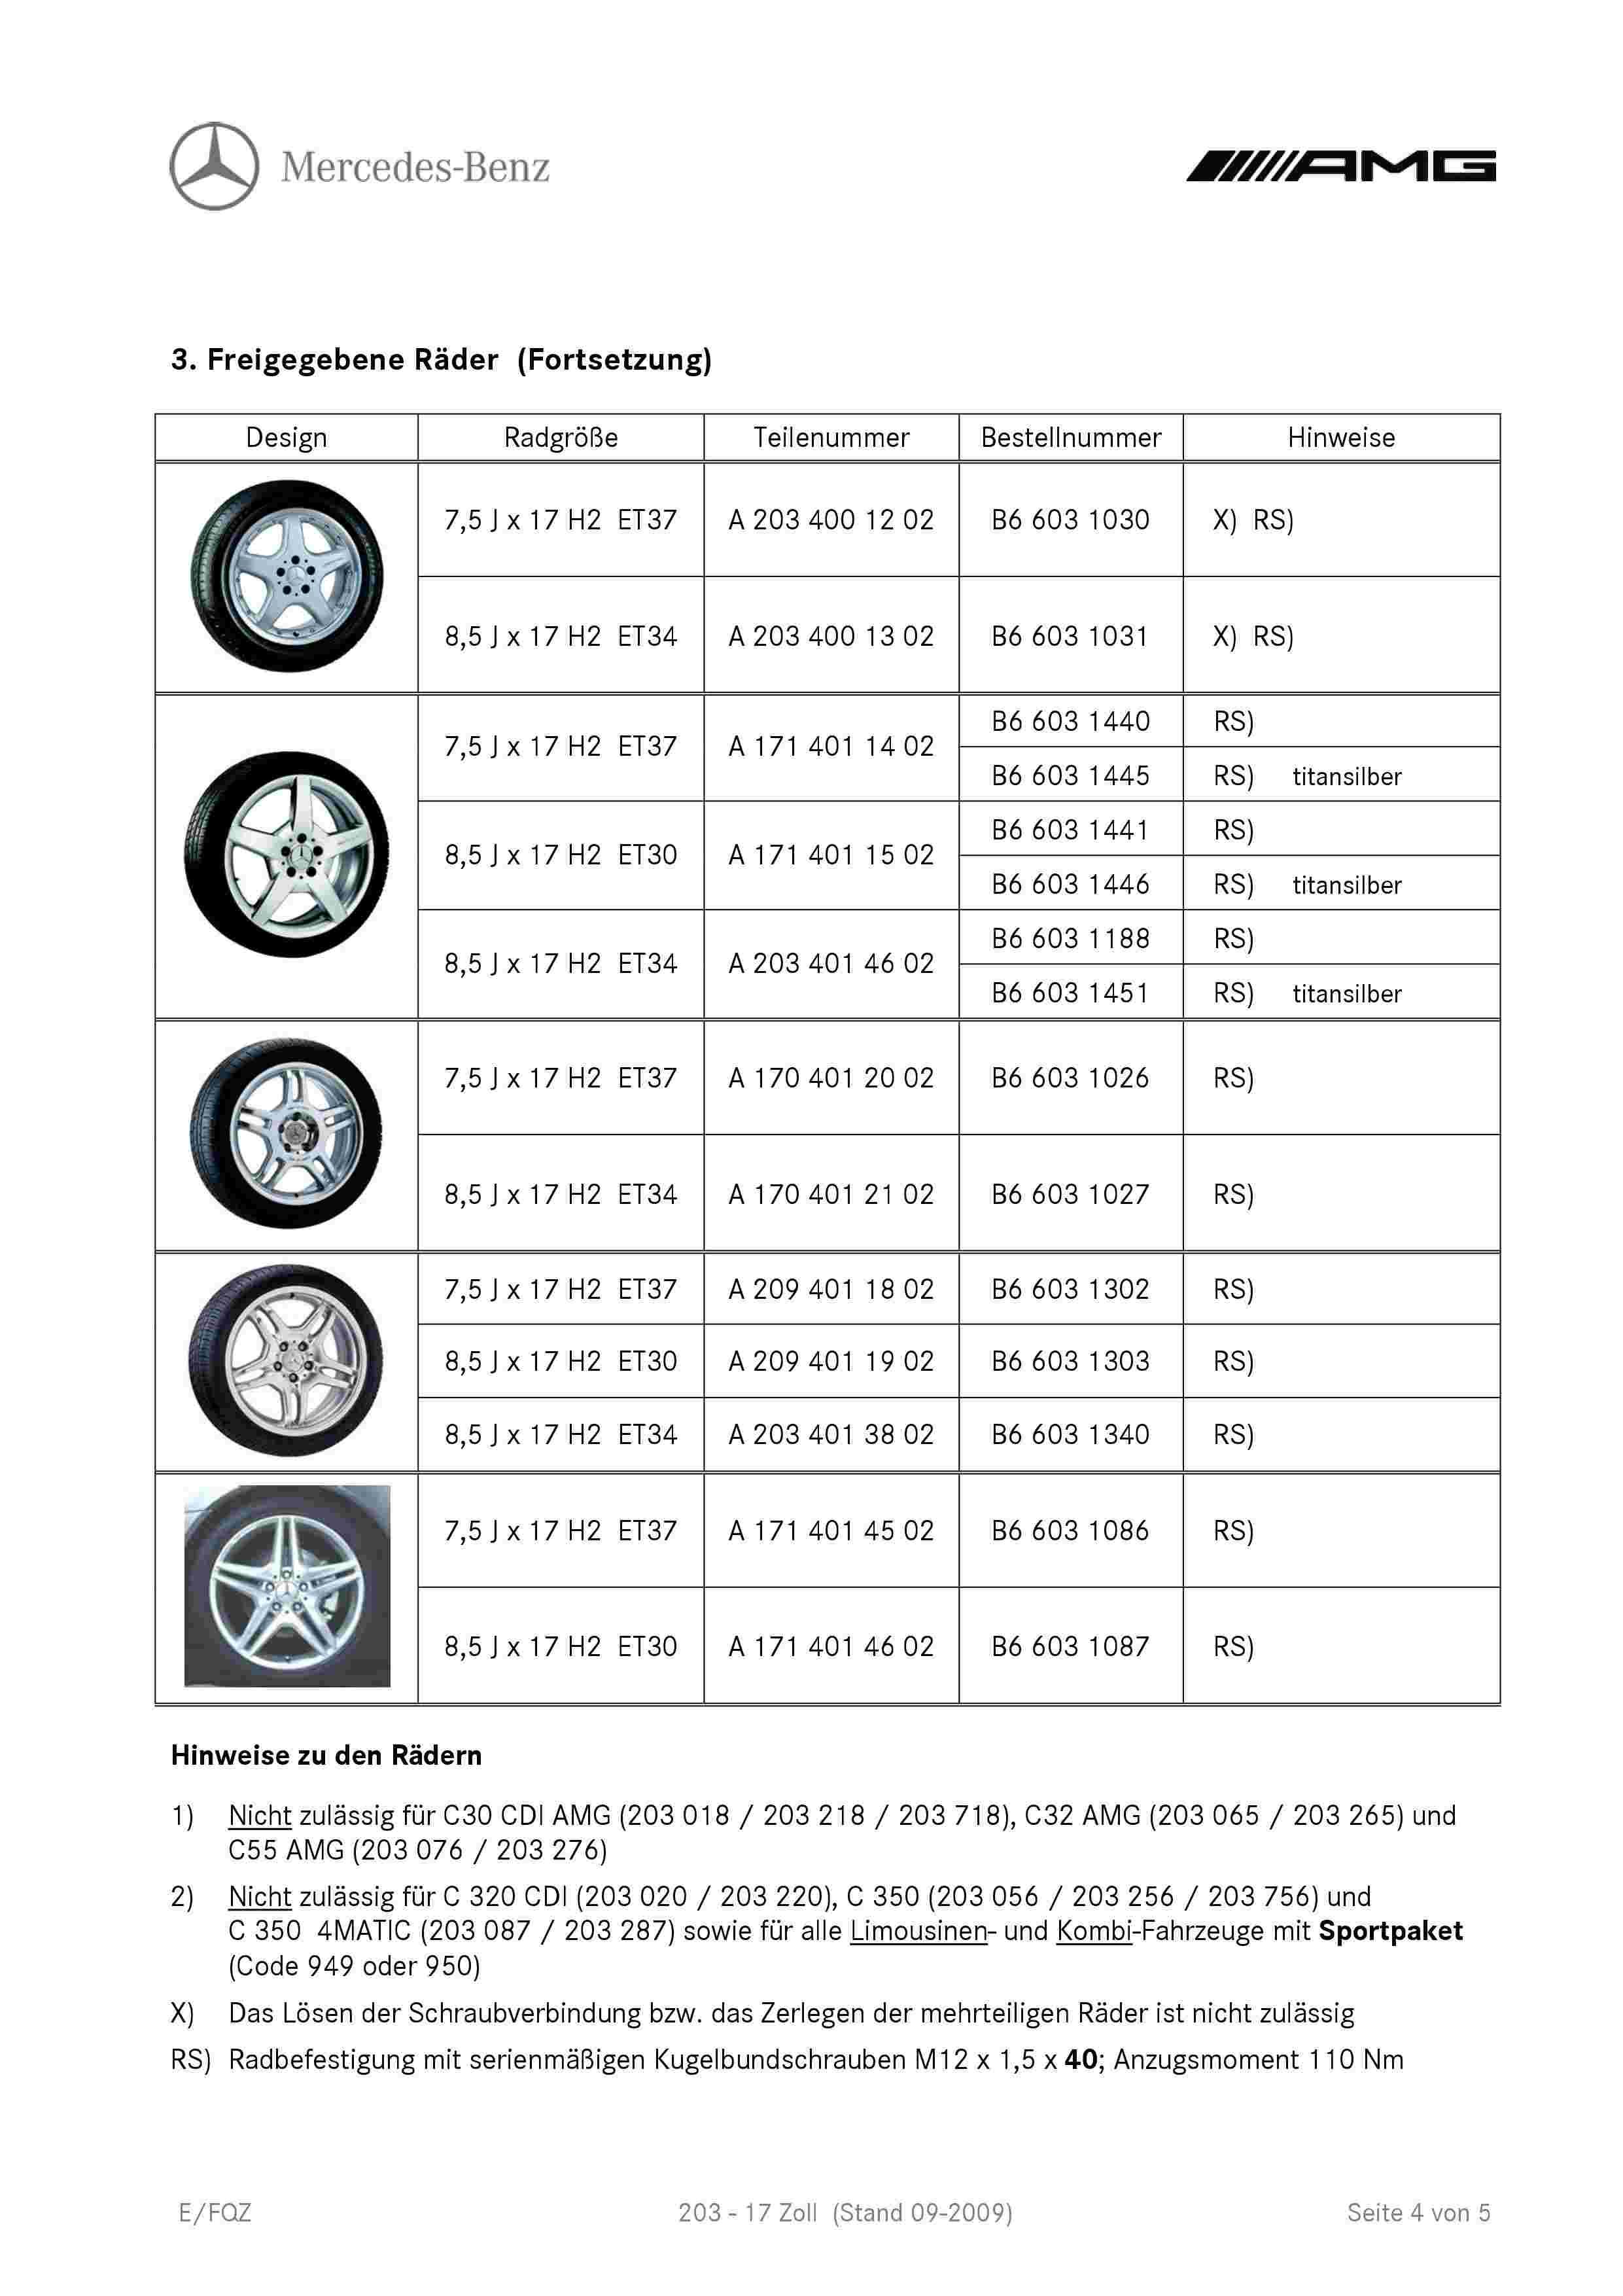 (CL203): Medidas oficiais das rodas e pneus 0005_511